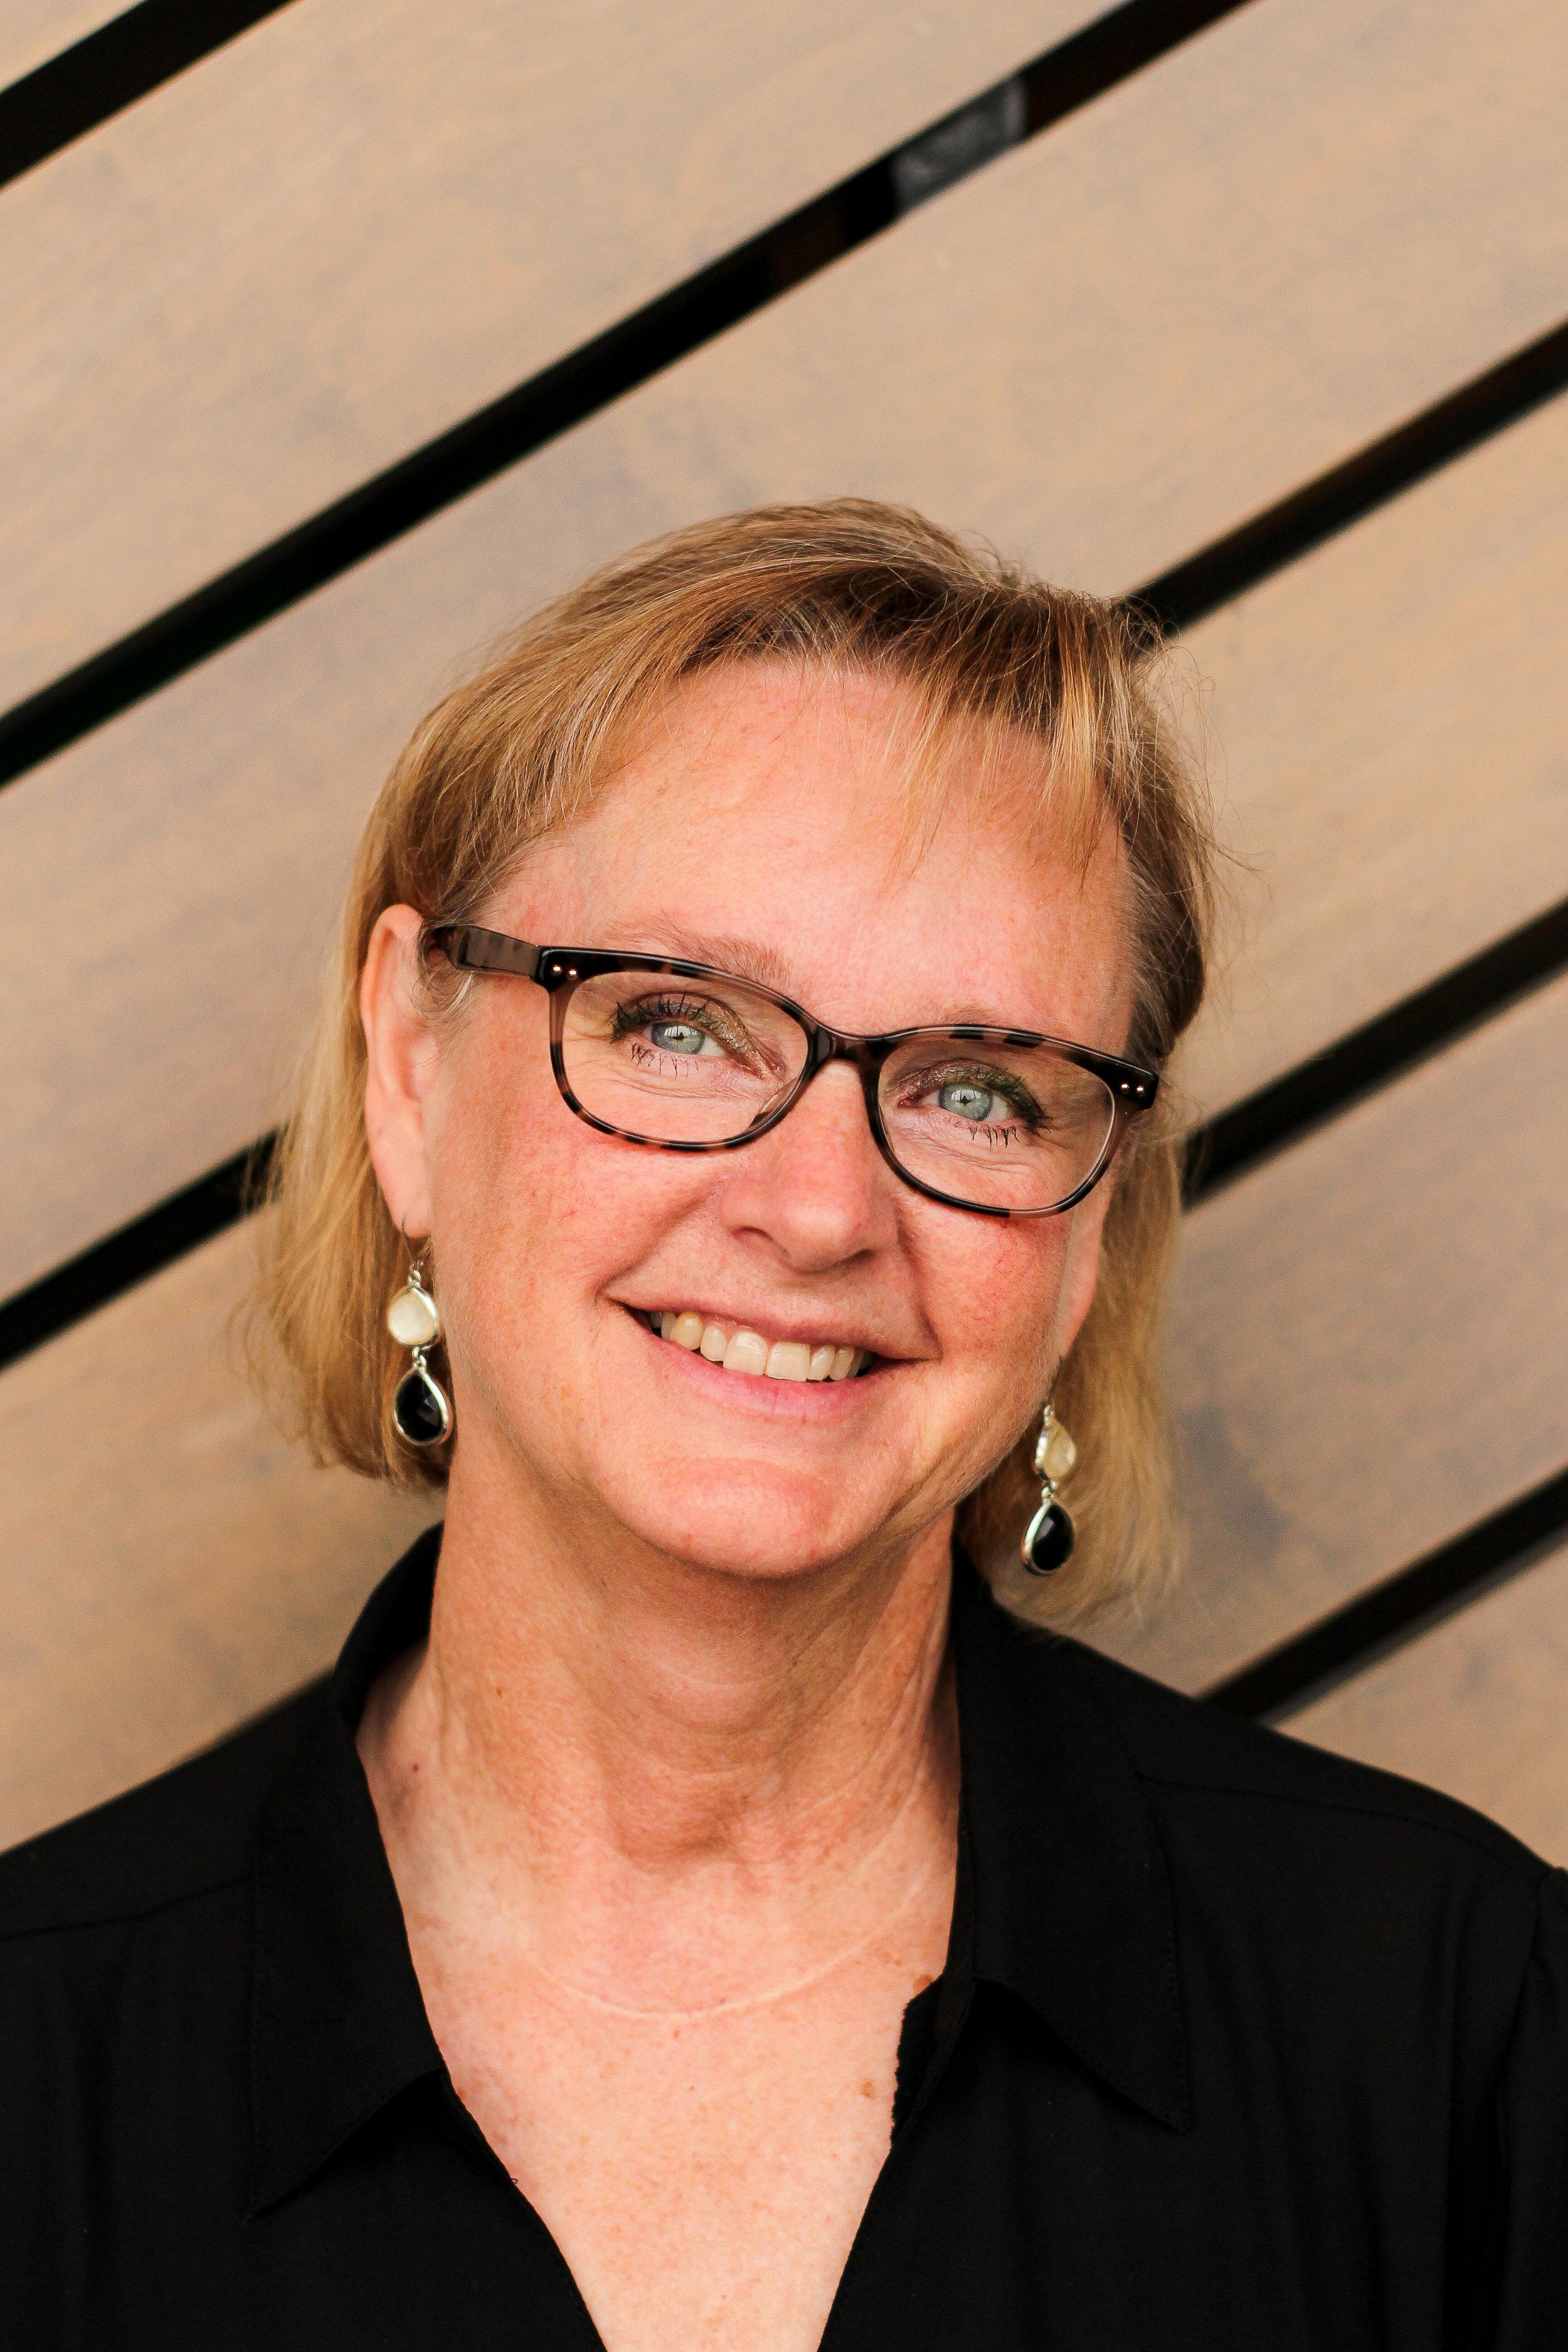 Karen Donker